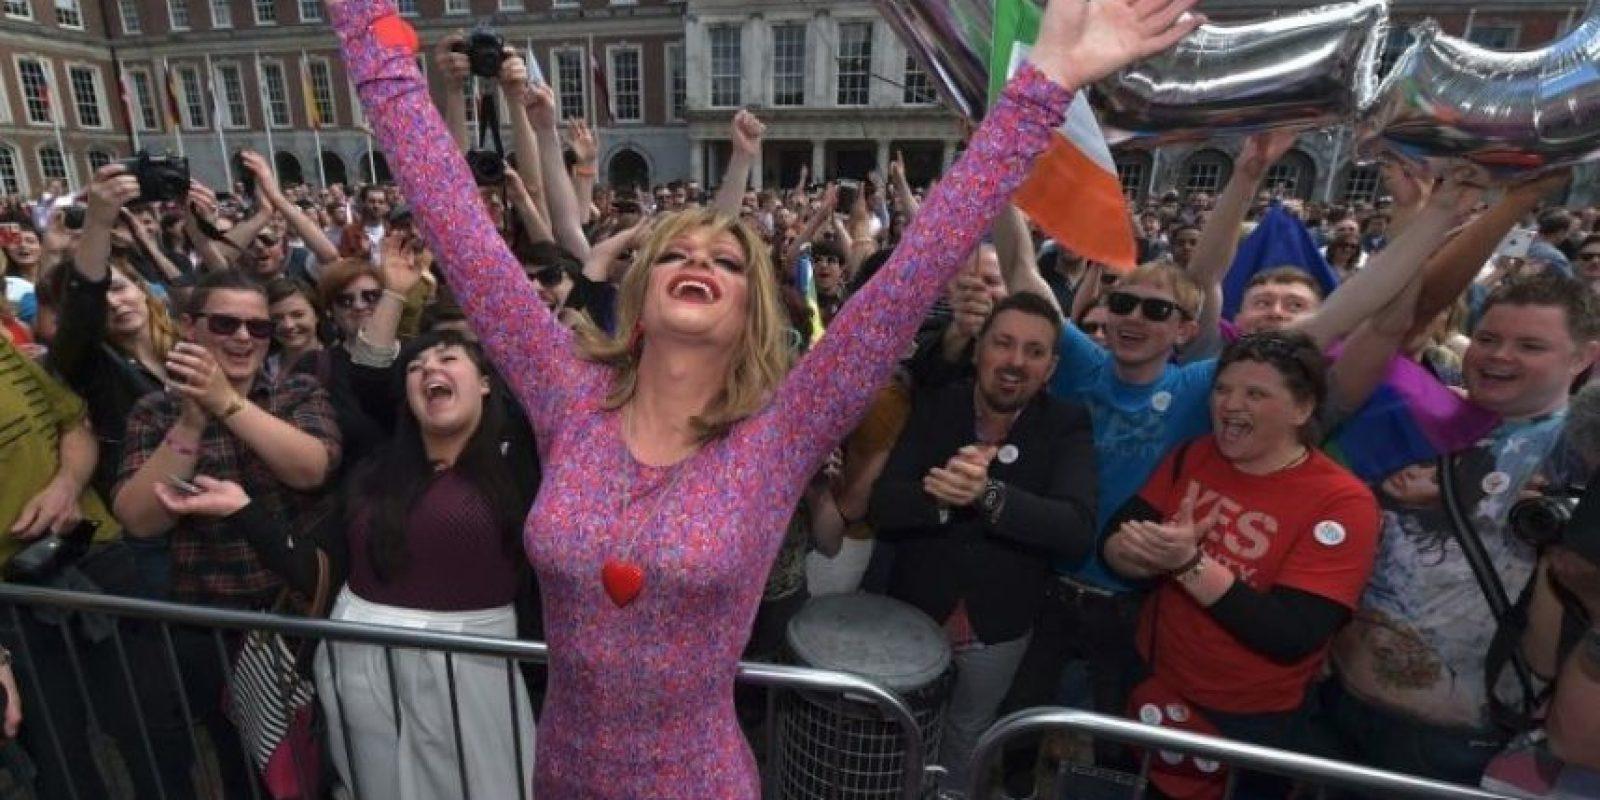 En 1989 se convirtió en la primera nación en reconocer las uniones entre parejas del mismo sexo. Además, Copenhague es la ciudad con el bar gay más antiguo de Europa: Centralhjornet, que data de la década de los años 50. Foto: Getty Images